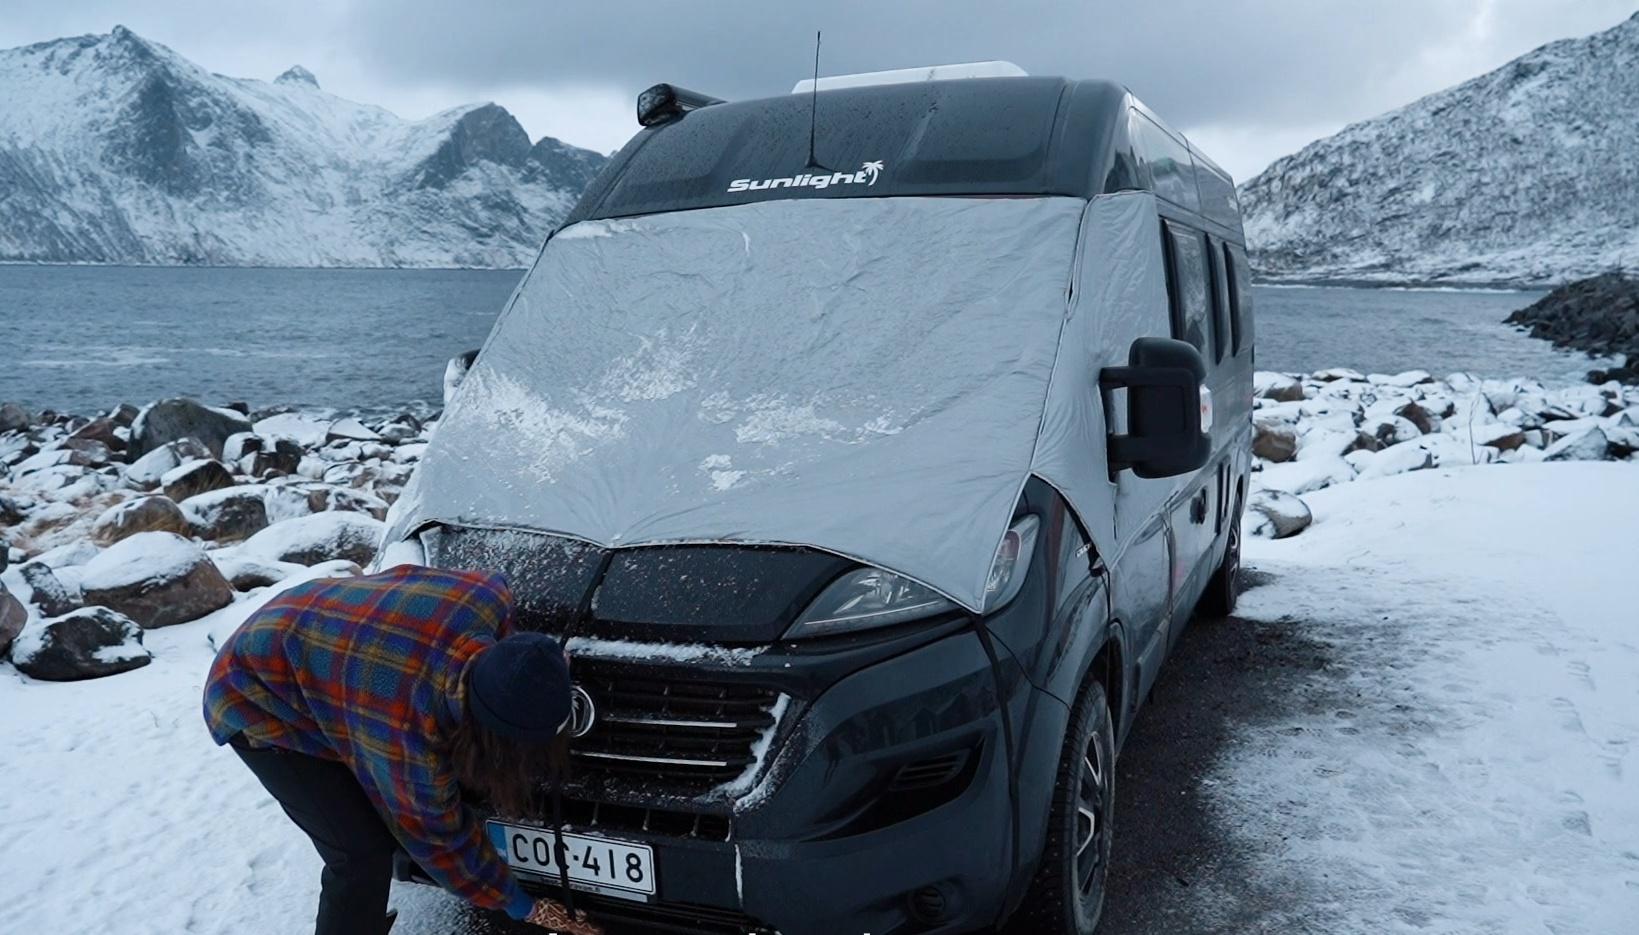 Tuulilasipeite estää lämmön karkaamisen matkailuautosta